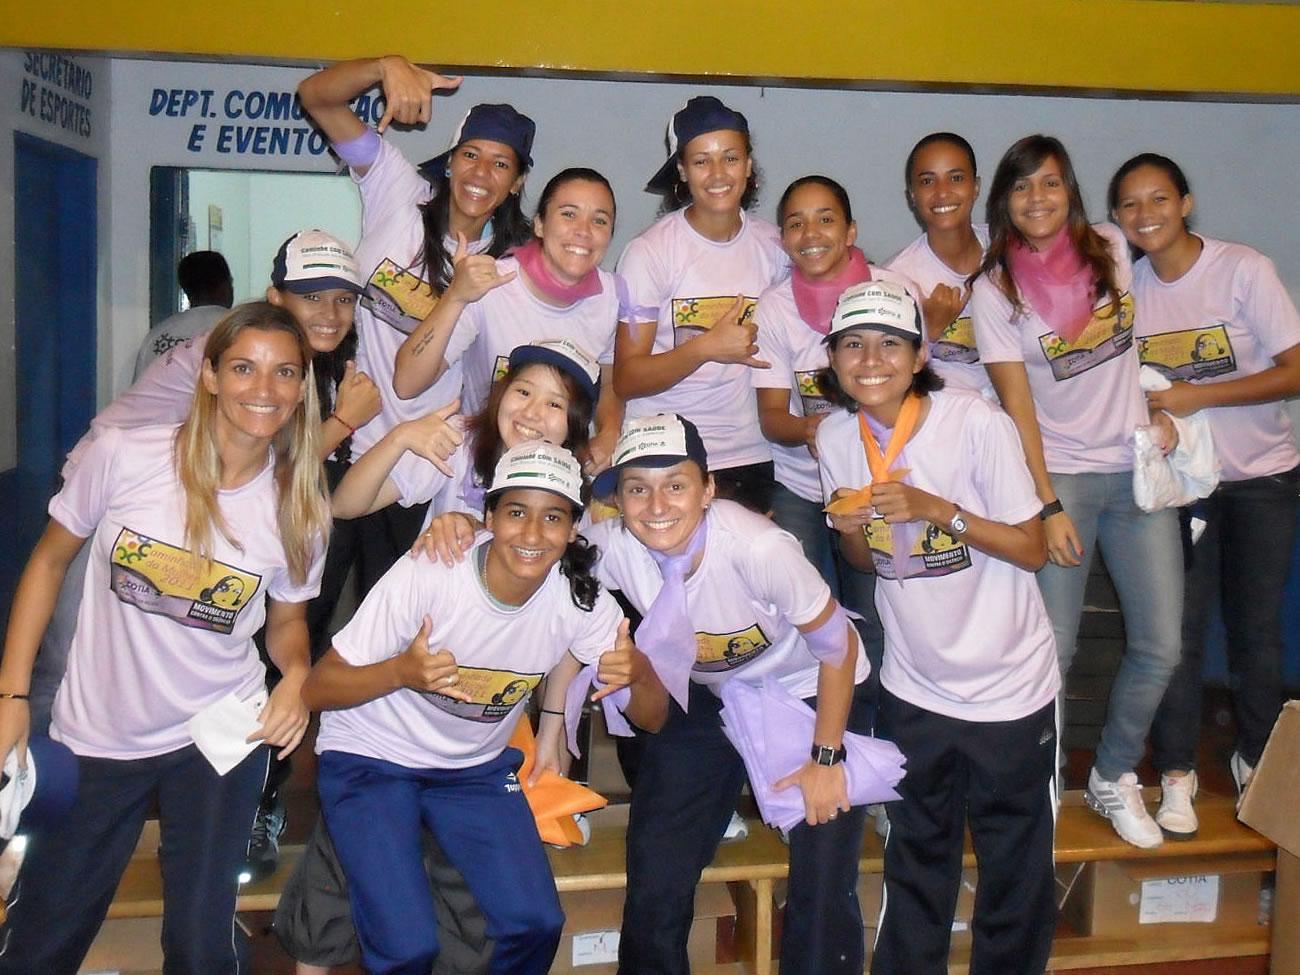 Associação Cultural Esportiva Kurdana - Cotia (SP)  16 03 2011 739d8502b38eb